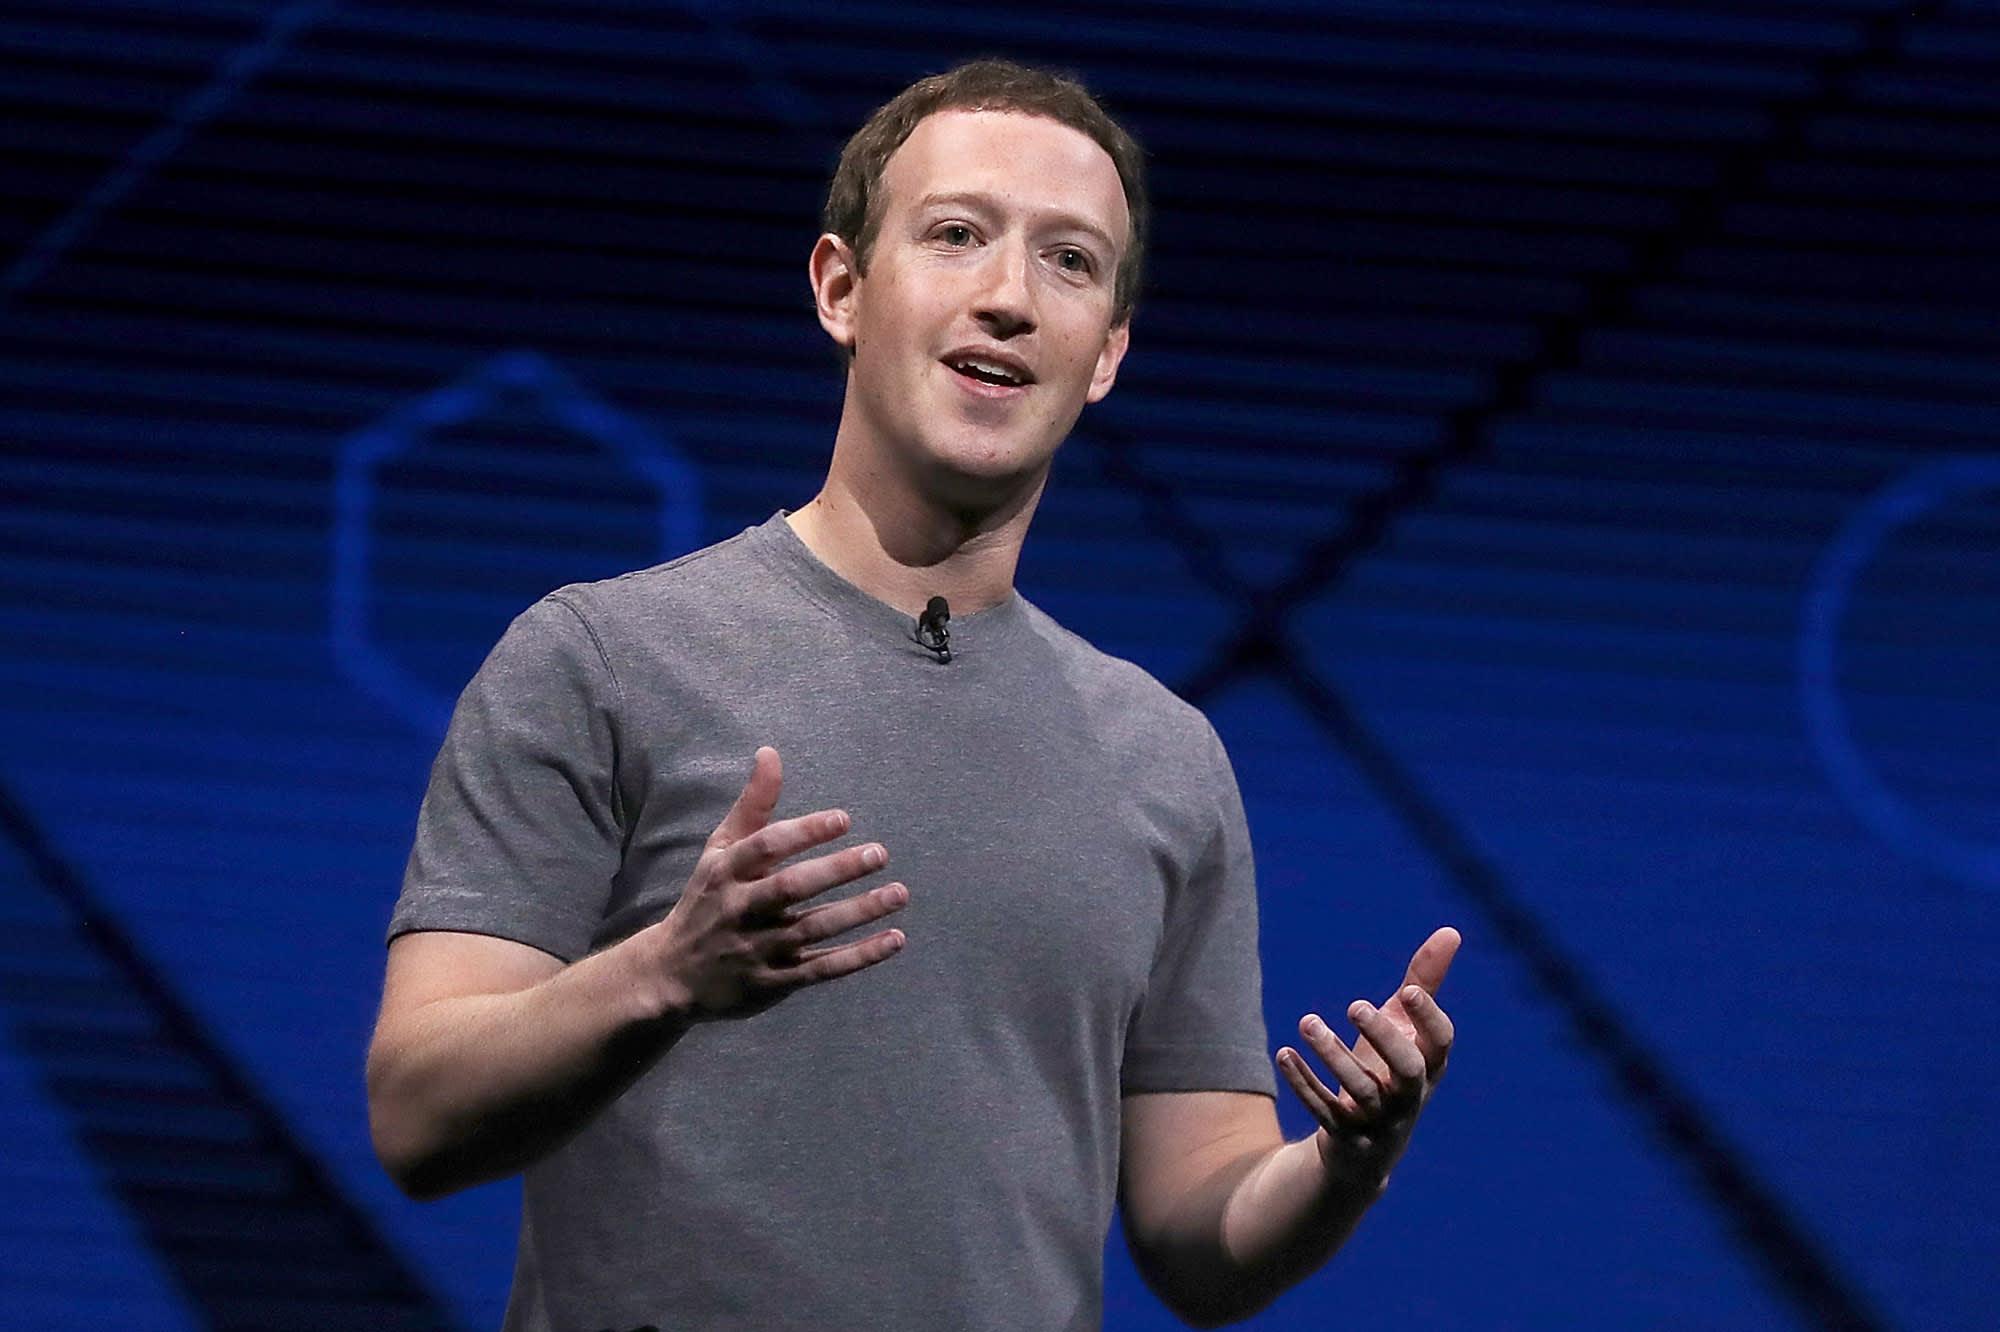 zuckerbergdefendswhatsappprivacypolicy